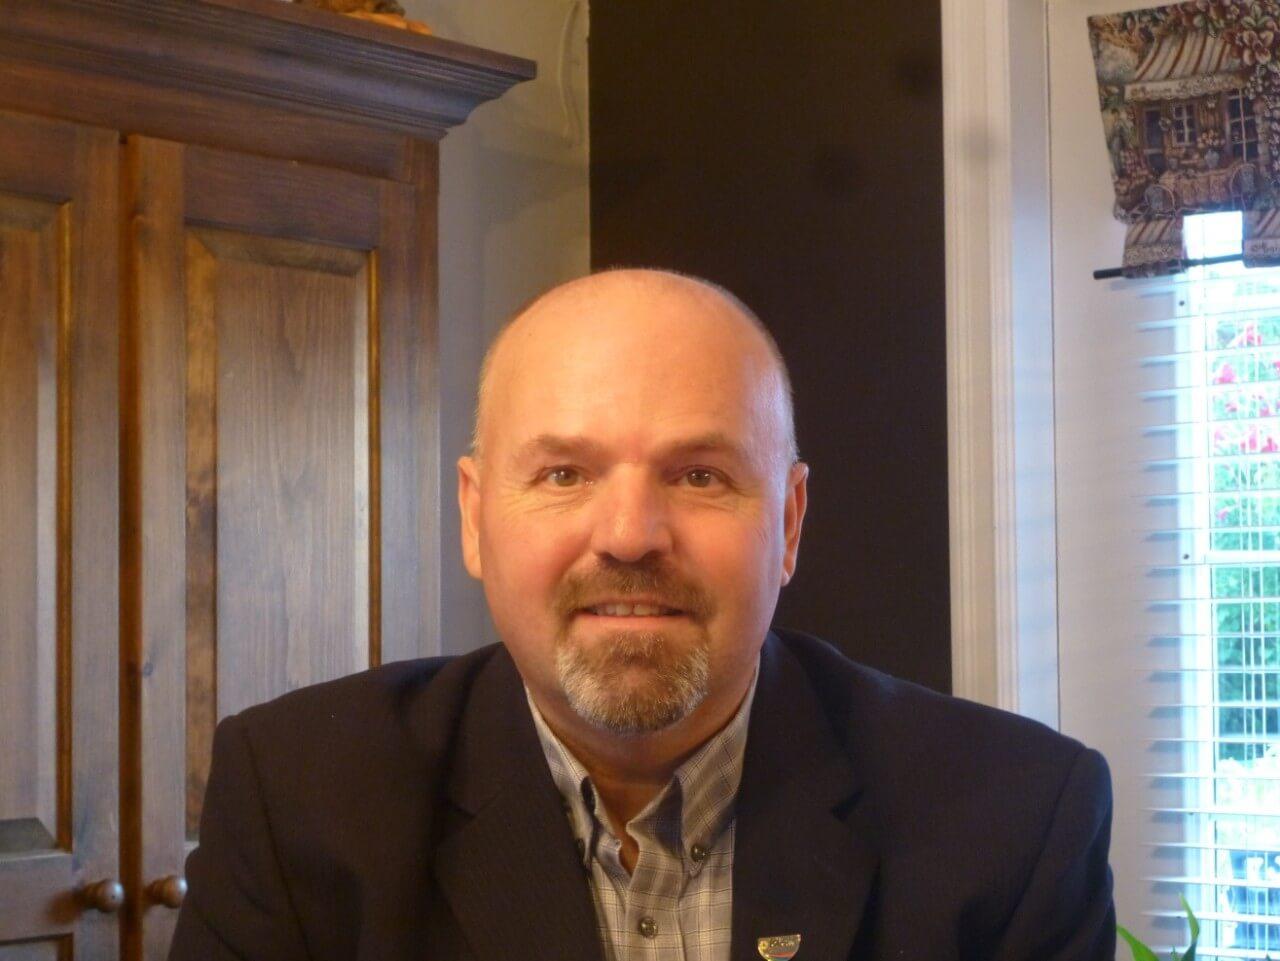 Le conseiller municipal sortant Yves Liard remporte les élections dans le district 5 à Joliette